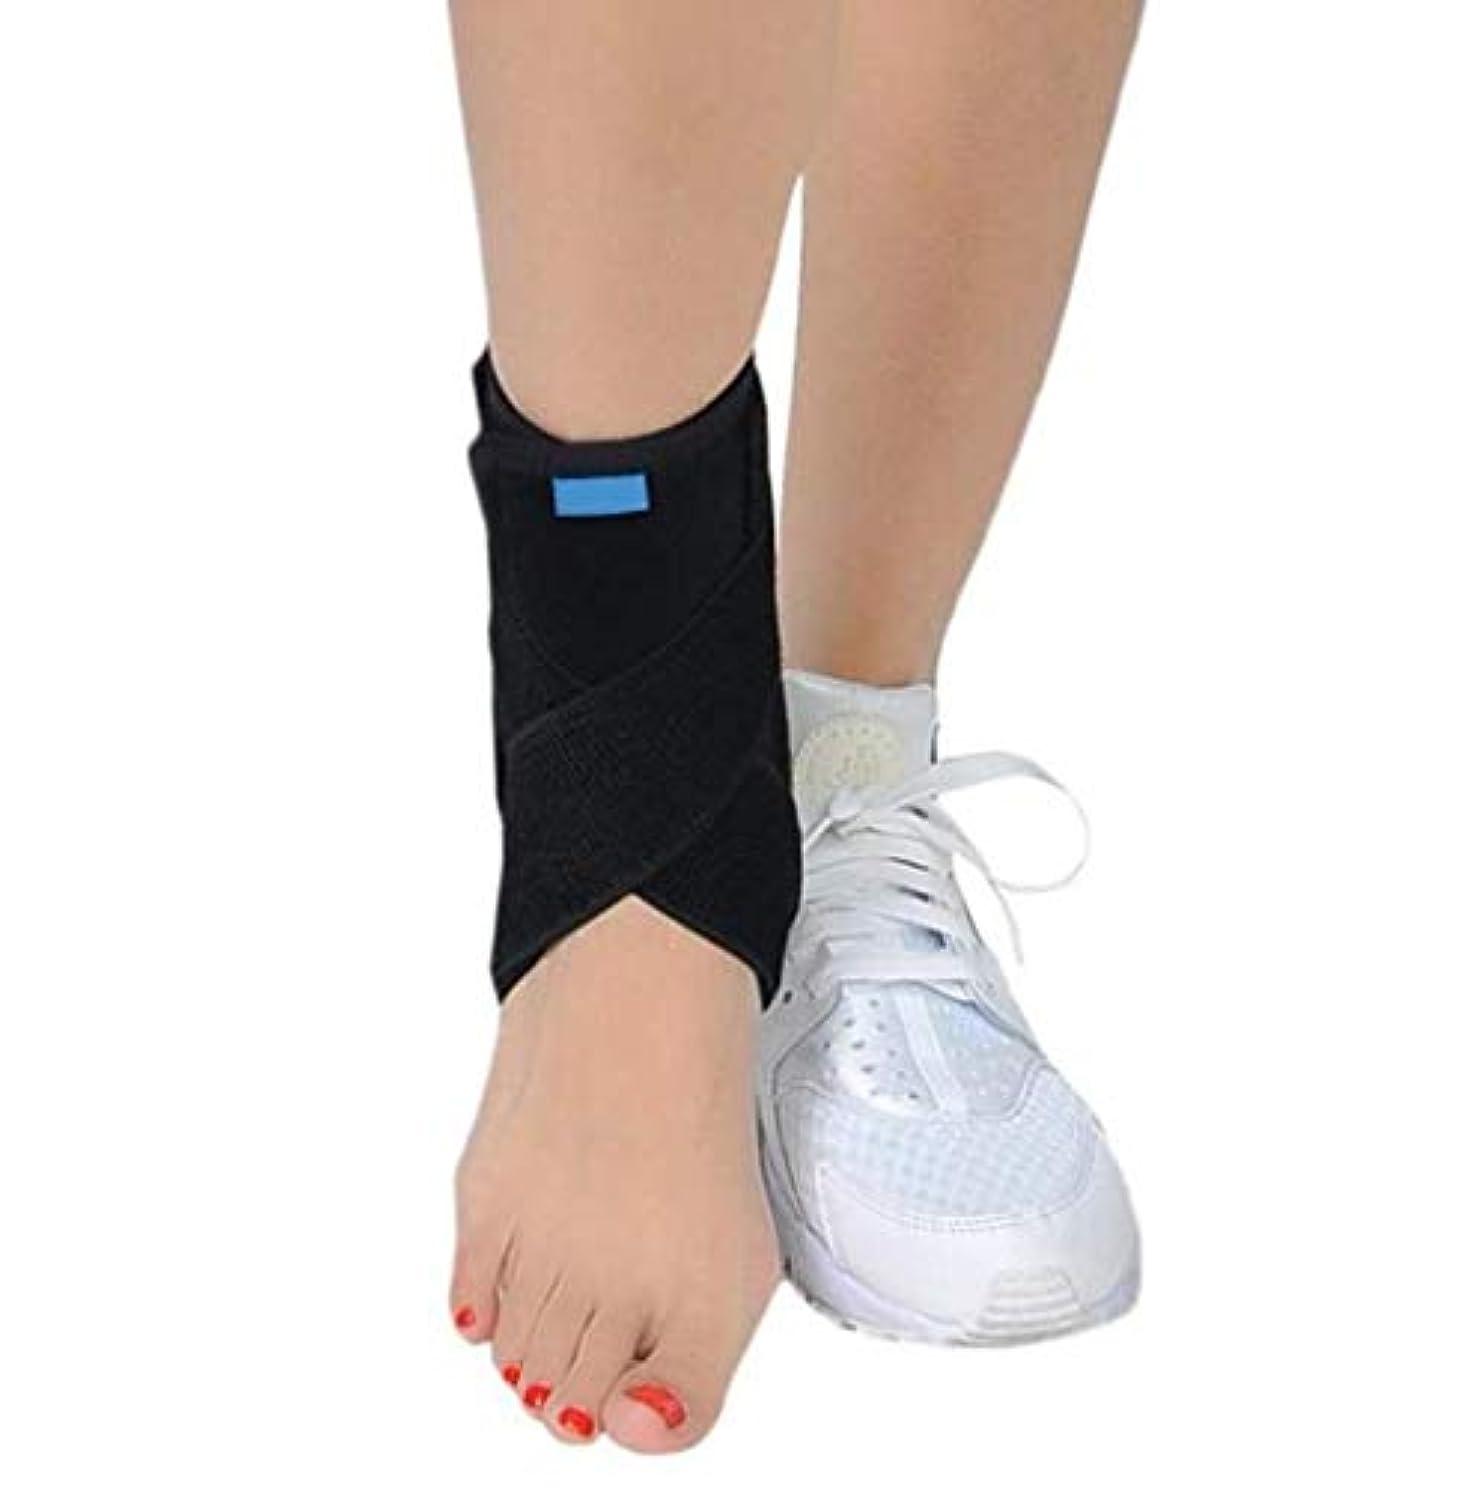 軽食成熟定義足スプリント足首装具、矯正足ドロップ姿勢、かかとの痛み、足ドロップ、足底筋膜炎の安定化とアキレス腱炎の症状を緩和します